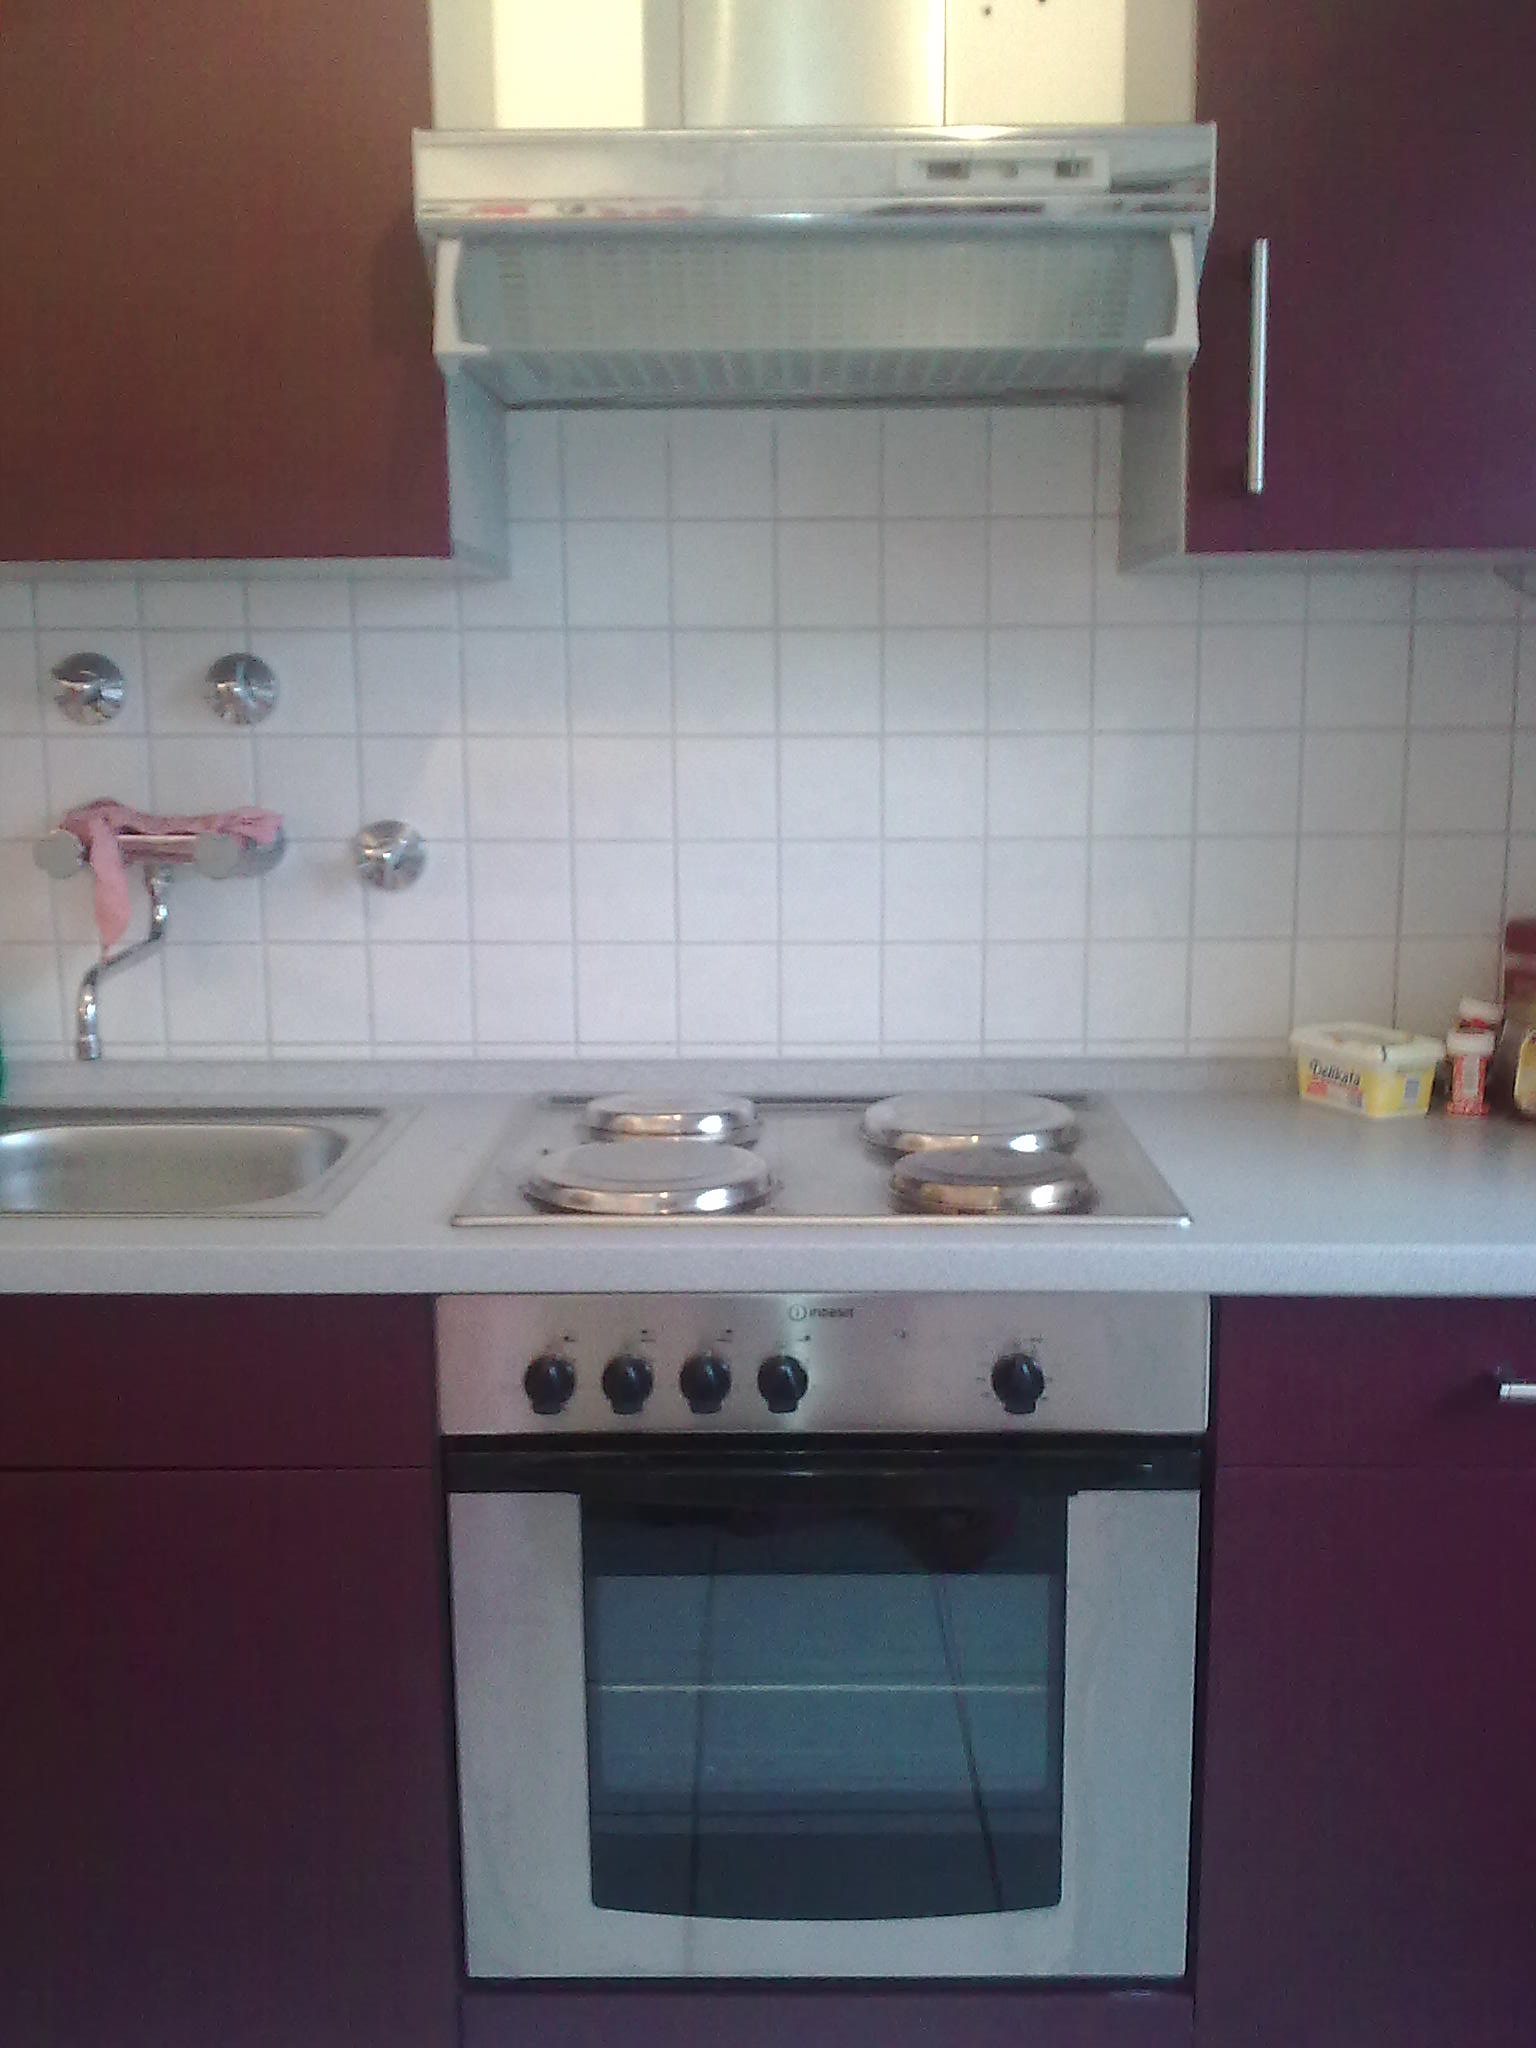 immobilien kleinanzeigen in dortmund seite 10. Black Bedroom Furniture Sets. Home Design Ideas